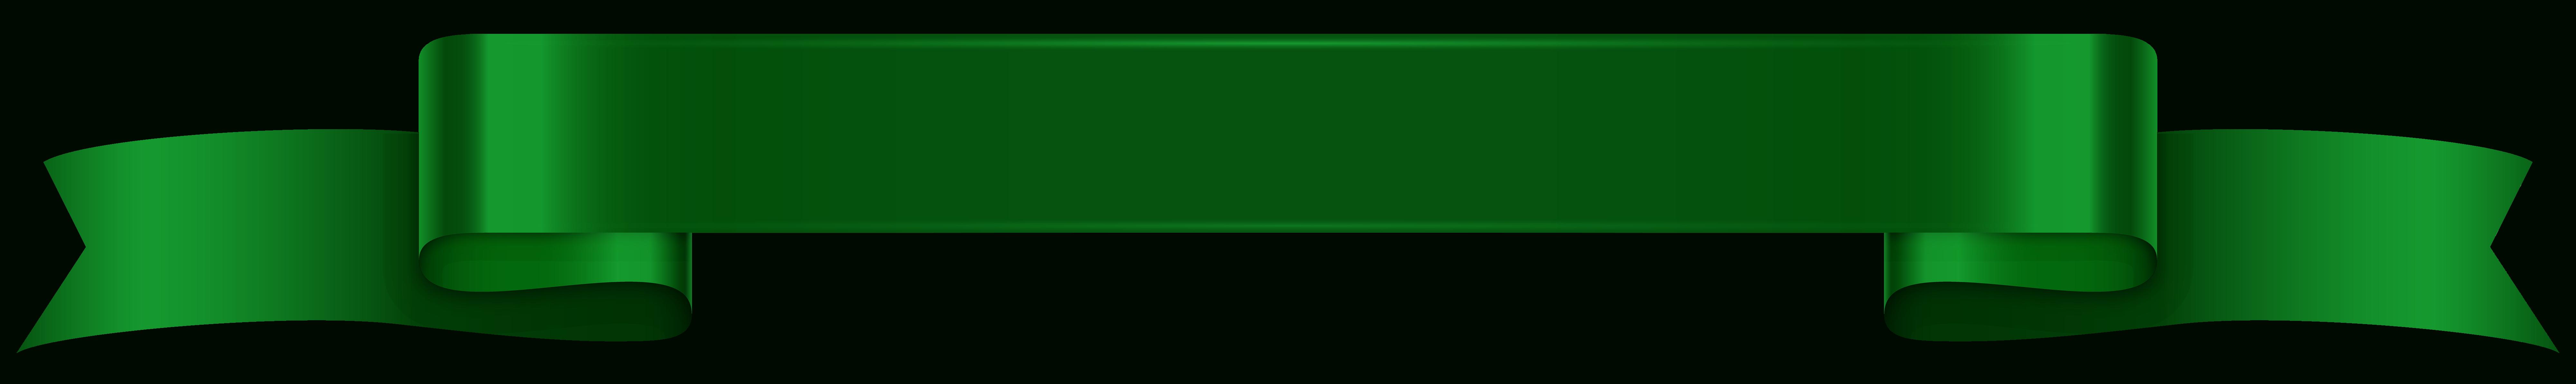 Green Ribbon PNG Free Download SVG Clip arts